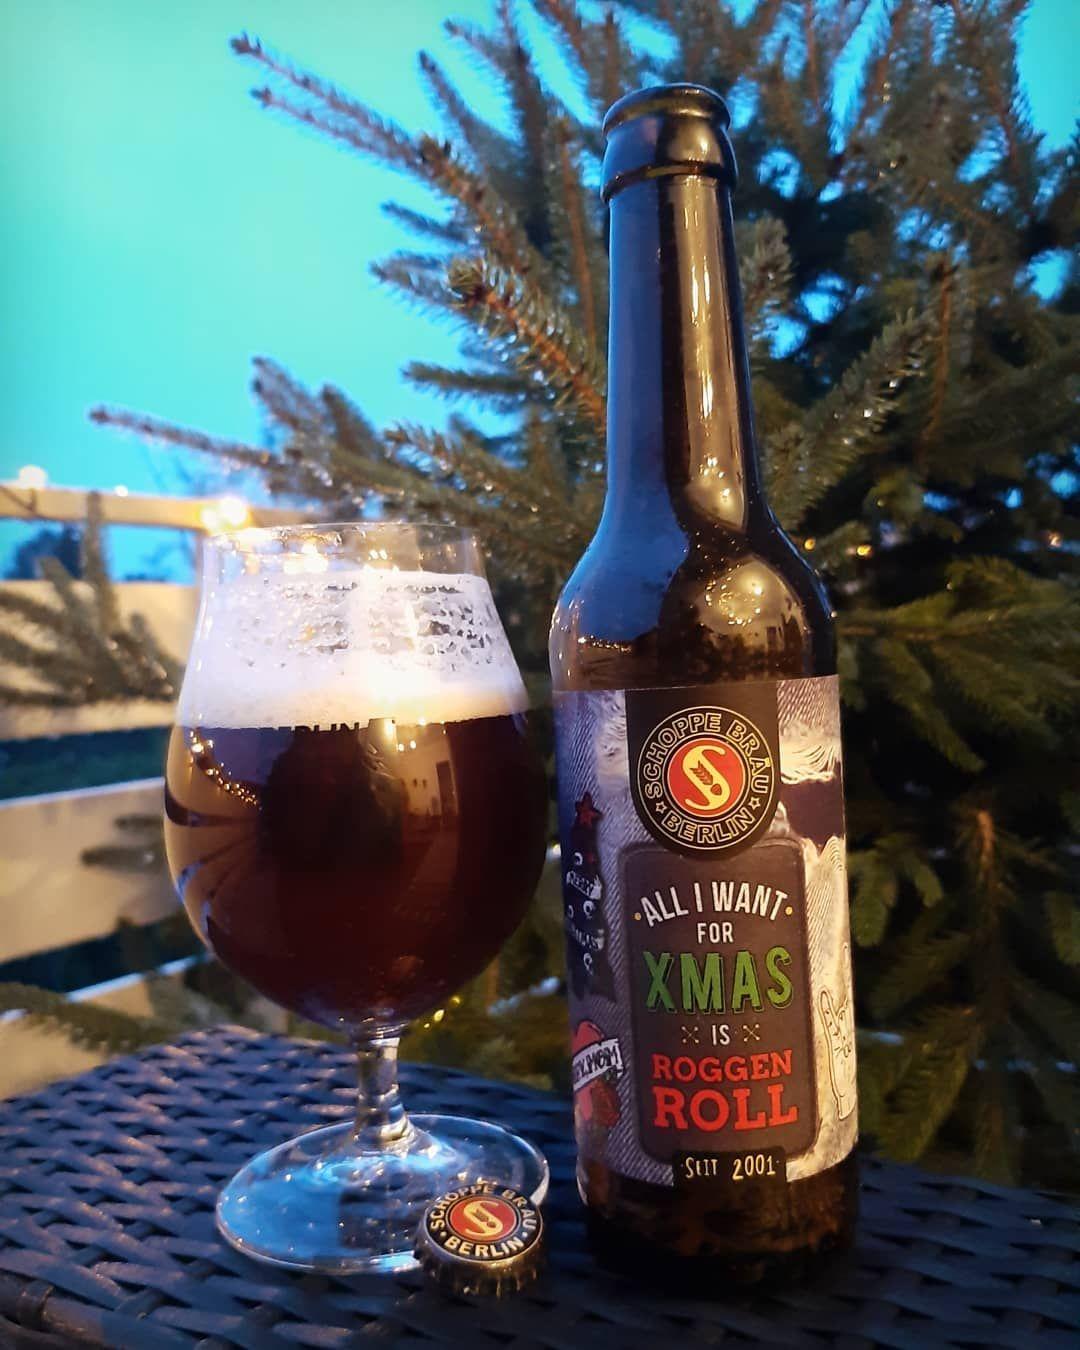 Bier Weihnachtsbaum.Der Schnee Schmilzt Der Weihnachtsbaum Kommt Weg Zeit Für Das